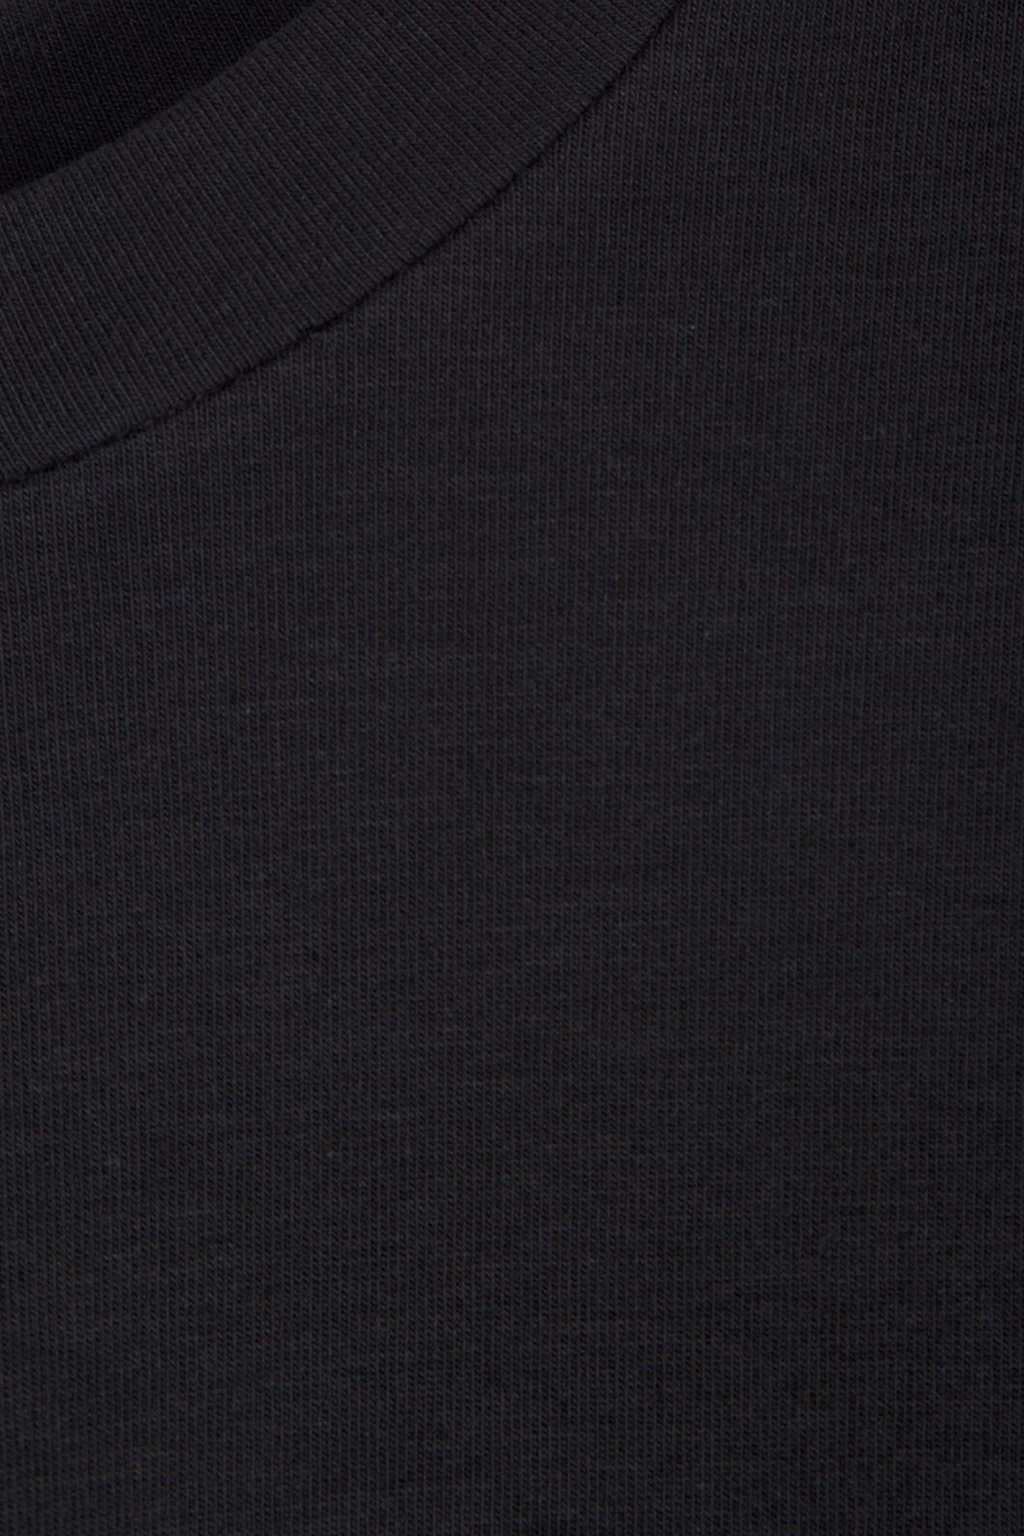 TShirt 1356 Black 6